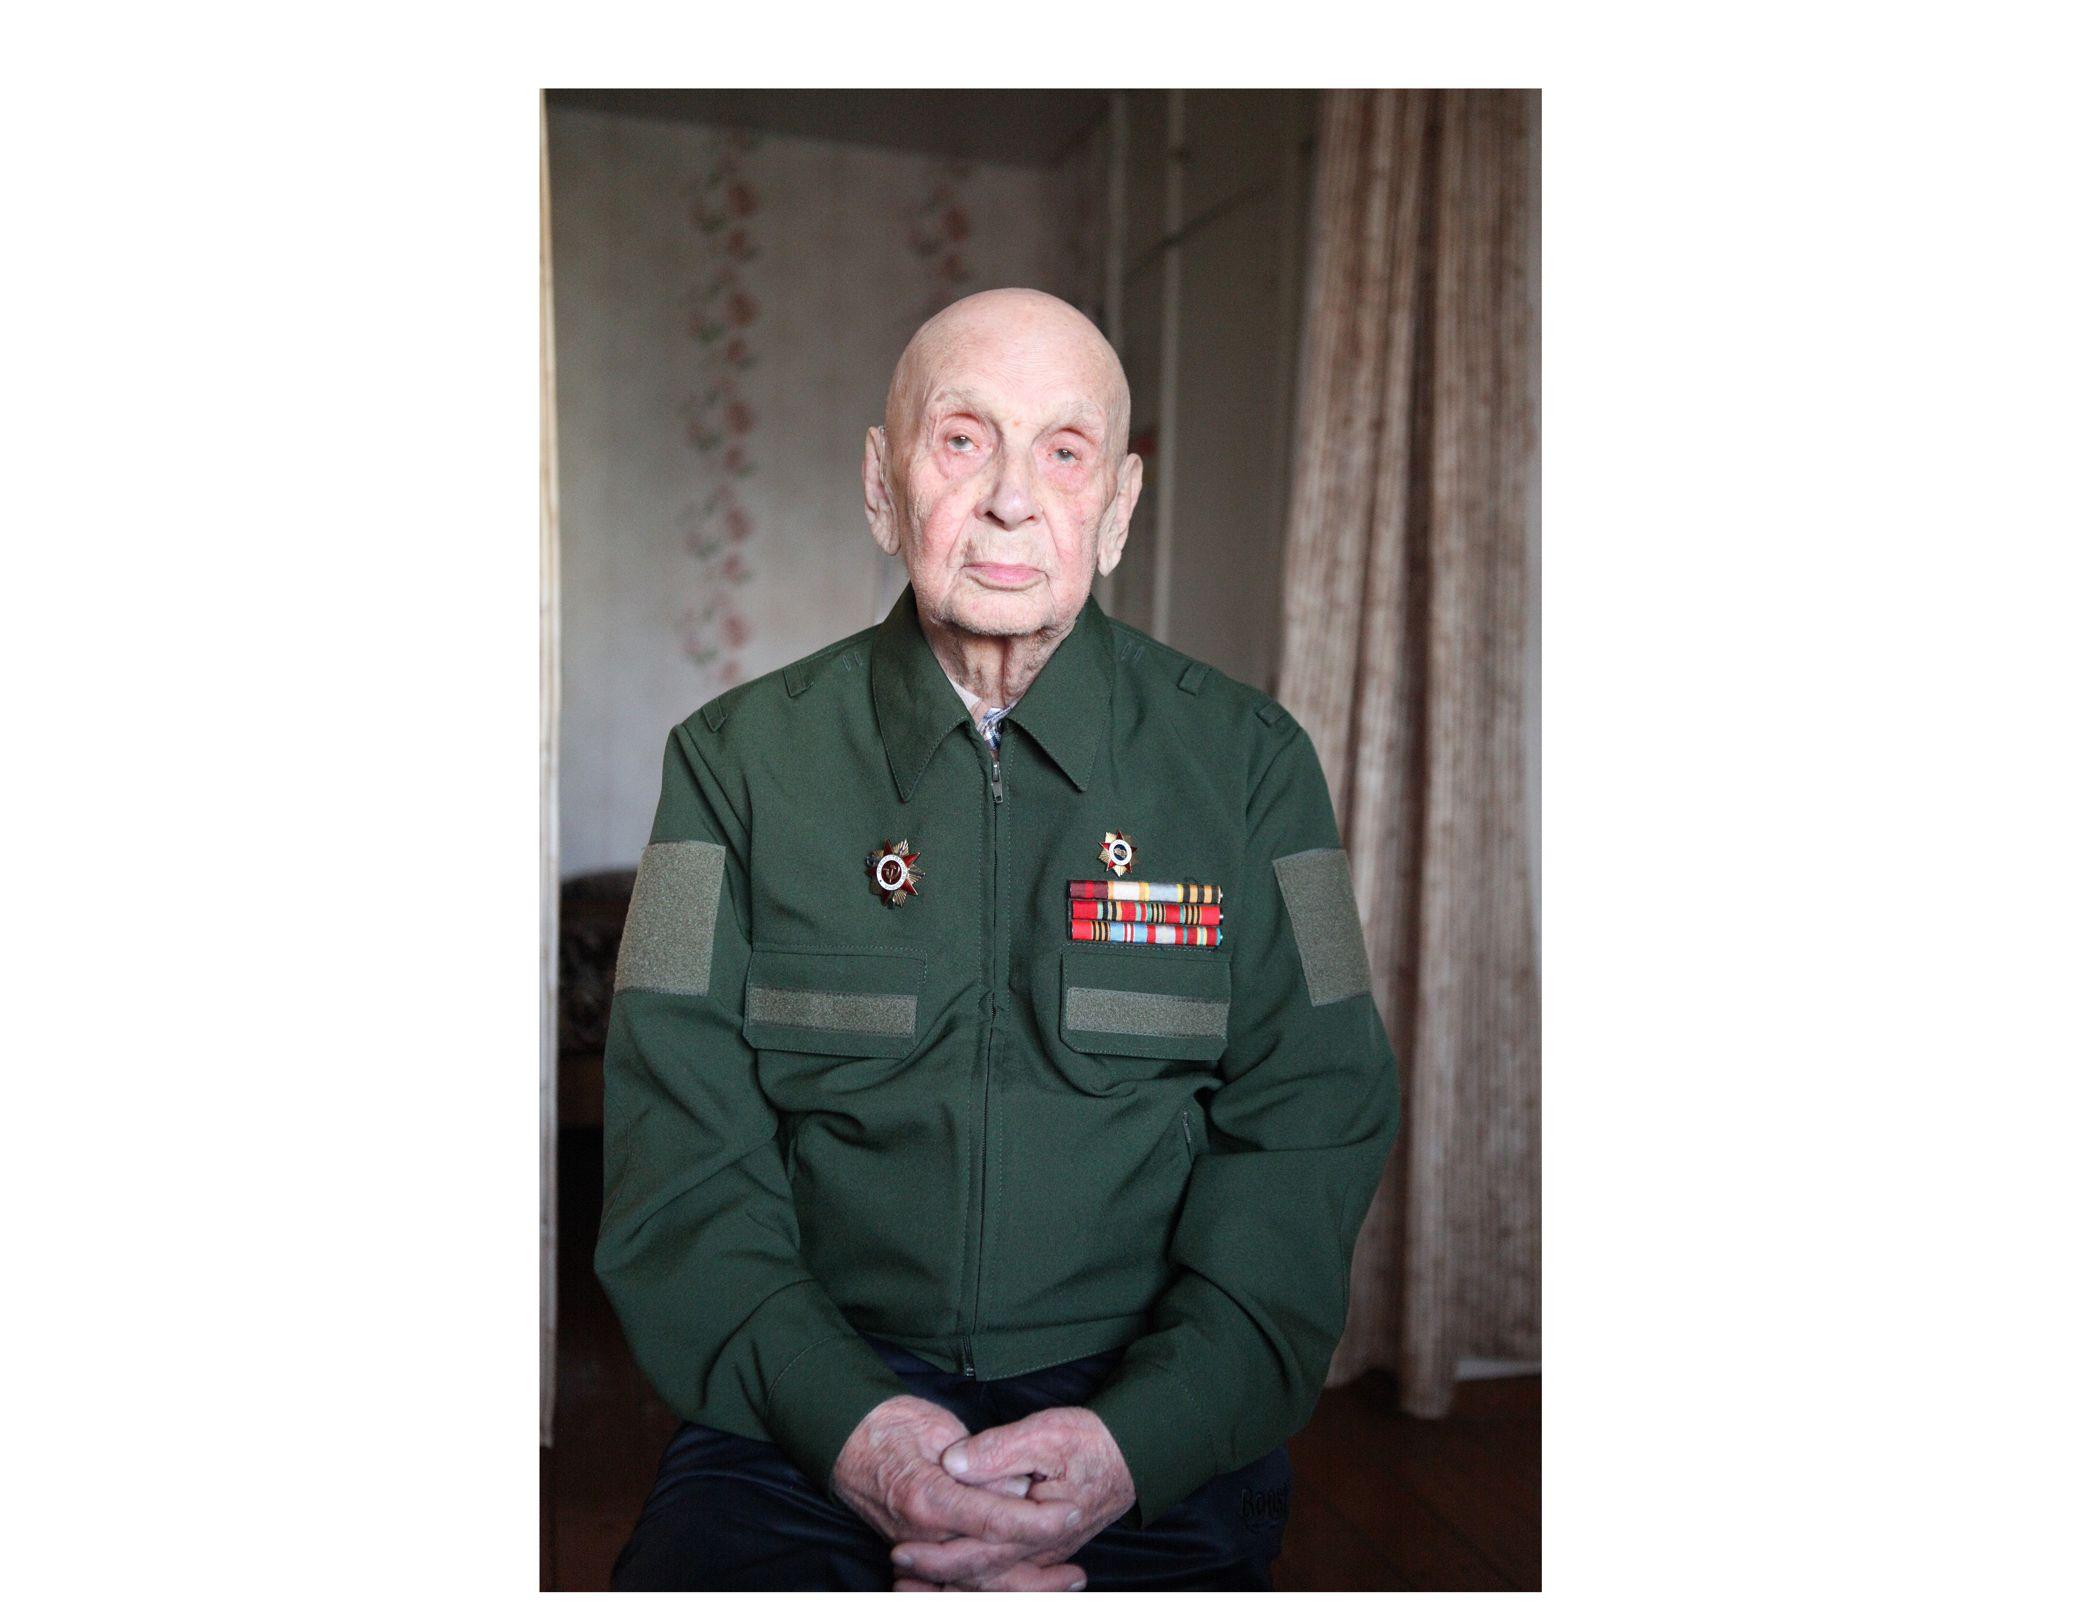 Ярославский ветеран рассказал об участии в битвах под Москвой, Сталинградом и о ранении на фронте